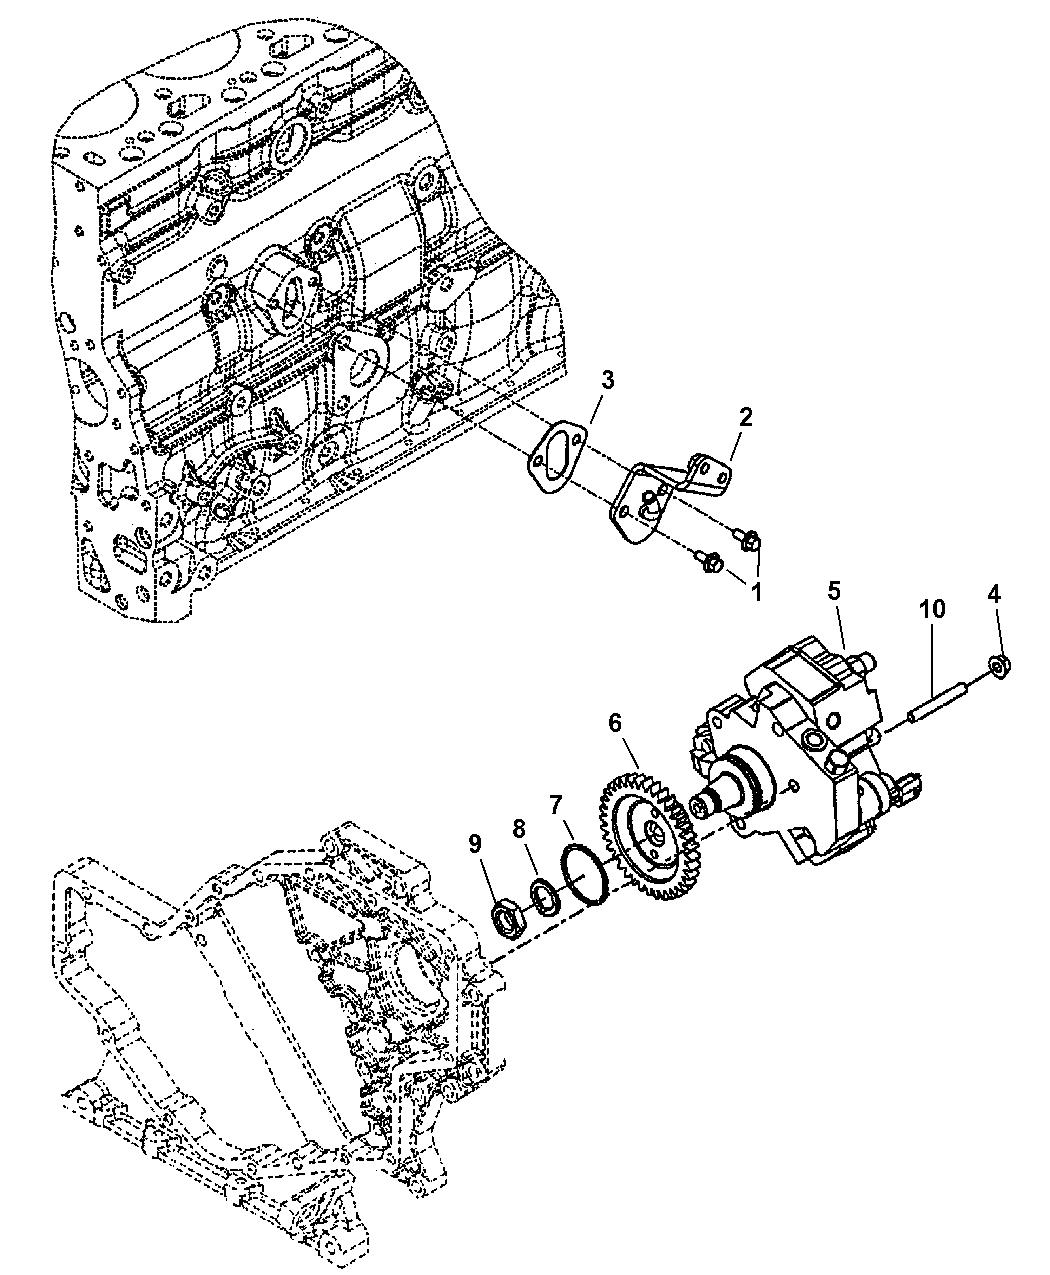 2004 Dodge Ram 2500 Fuel Injection Pump - Mopar Parts Giant